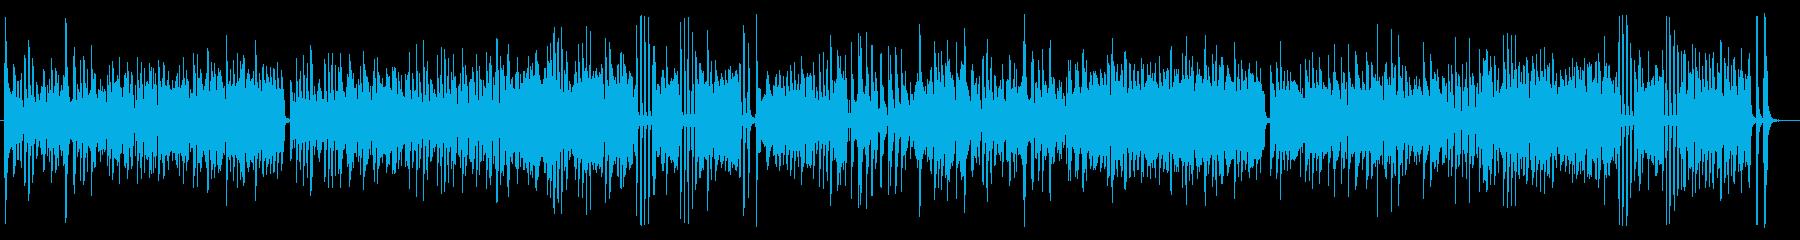 ベートーベンのピアノソナタをピアノソロでの再生済みの波形